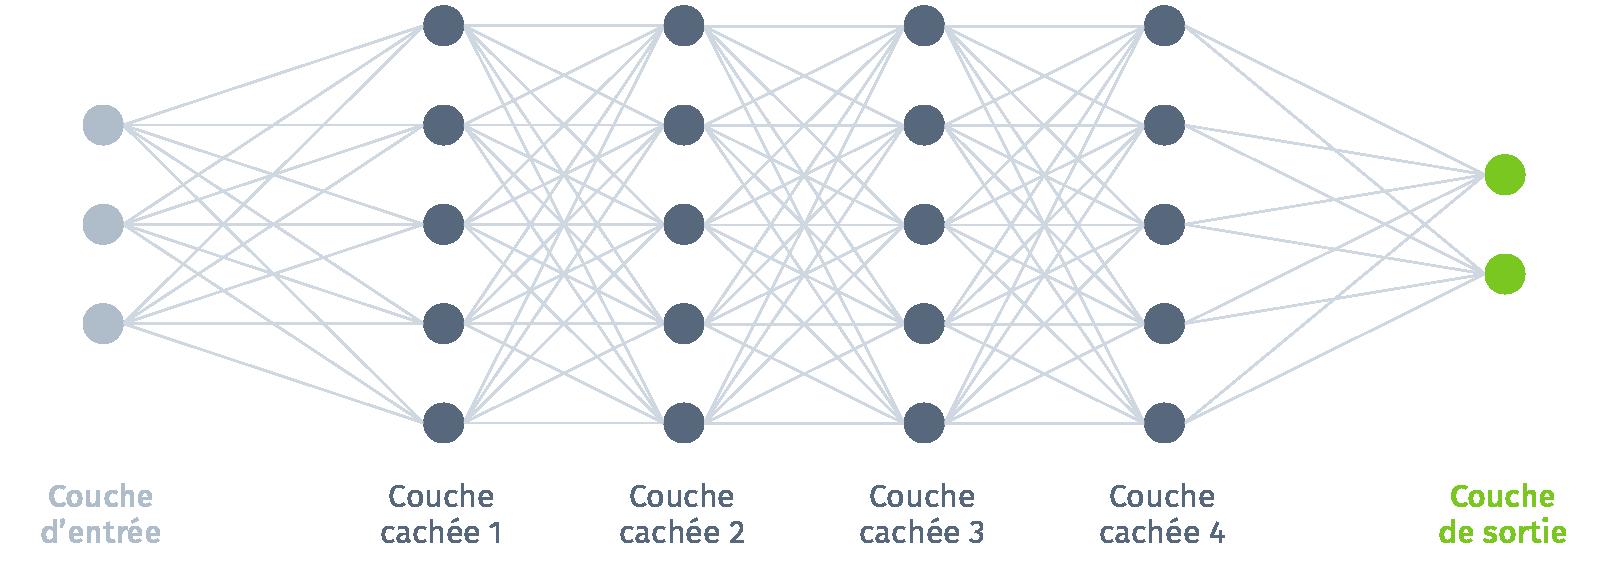 Deep Learning, schéma d'un réseau de neurones simplifié